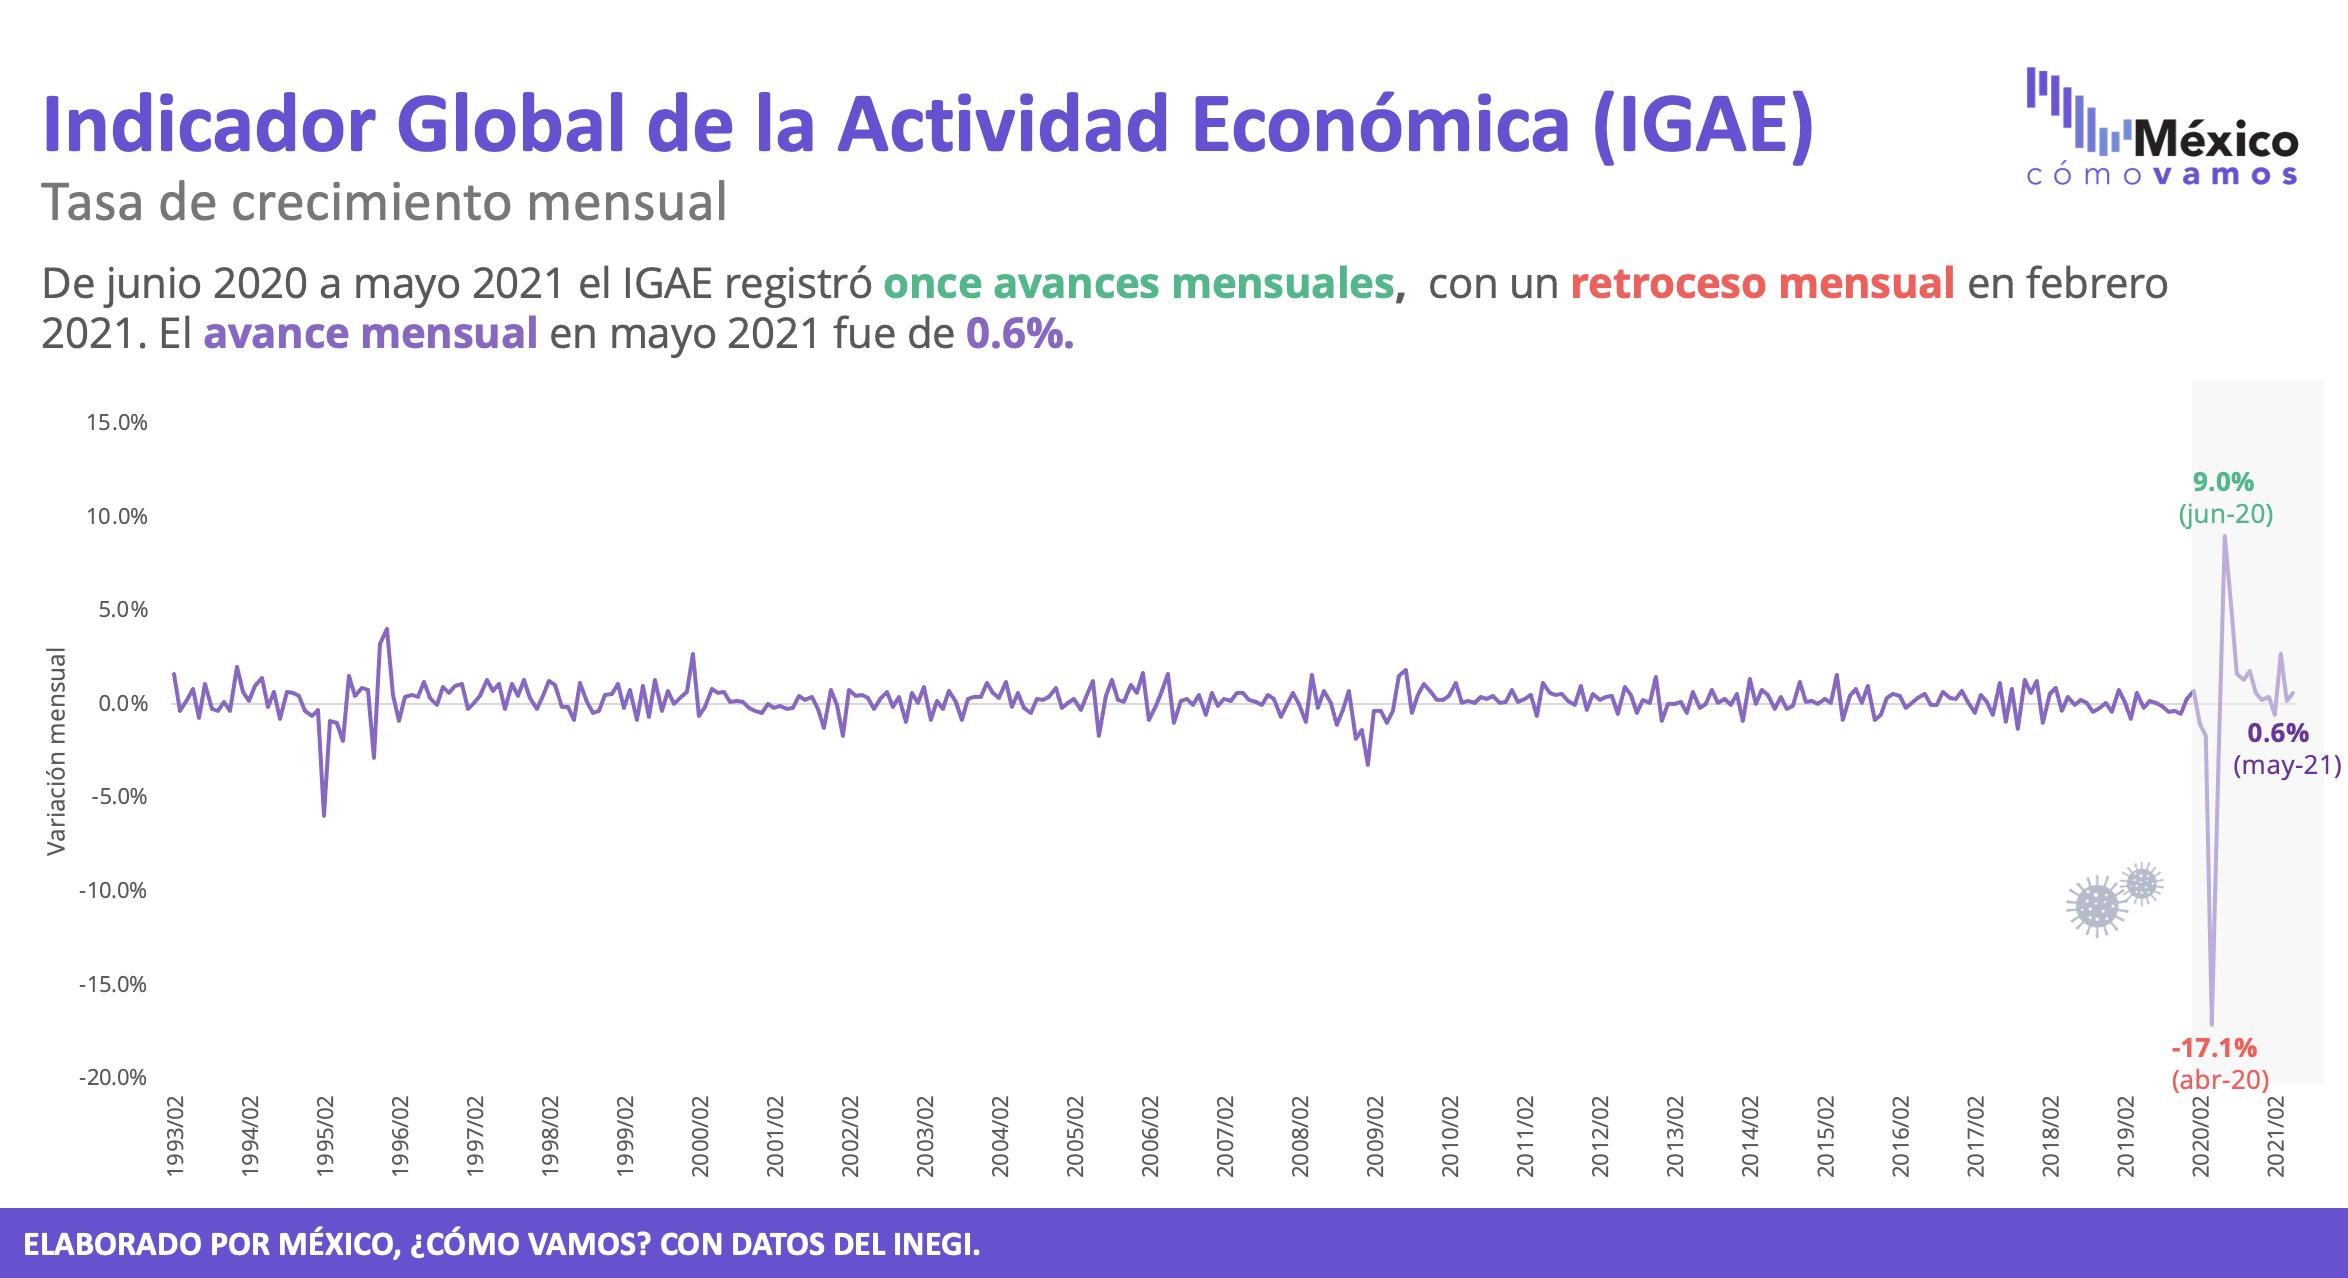 Indicador global de actividad económica – Mayo 2021